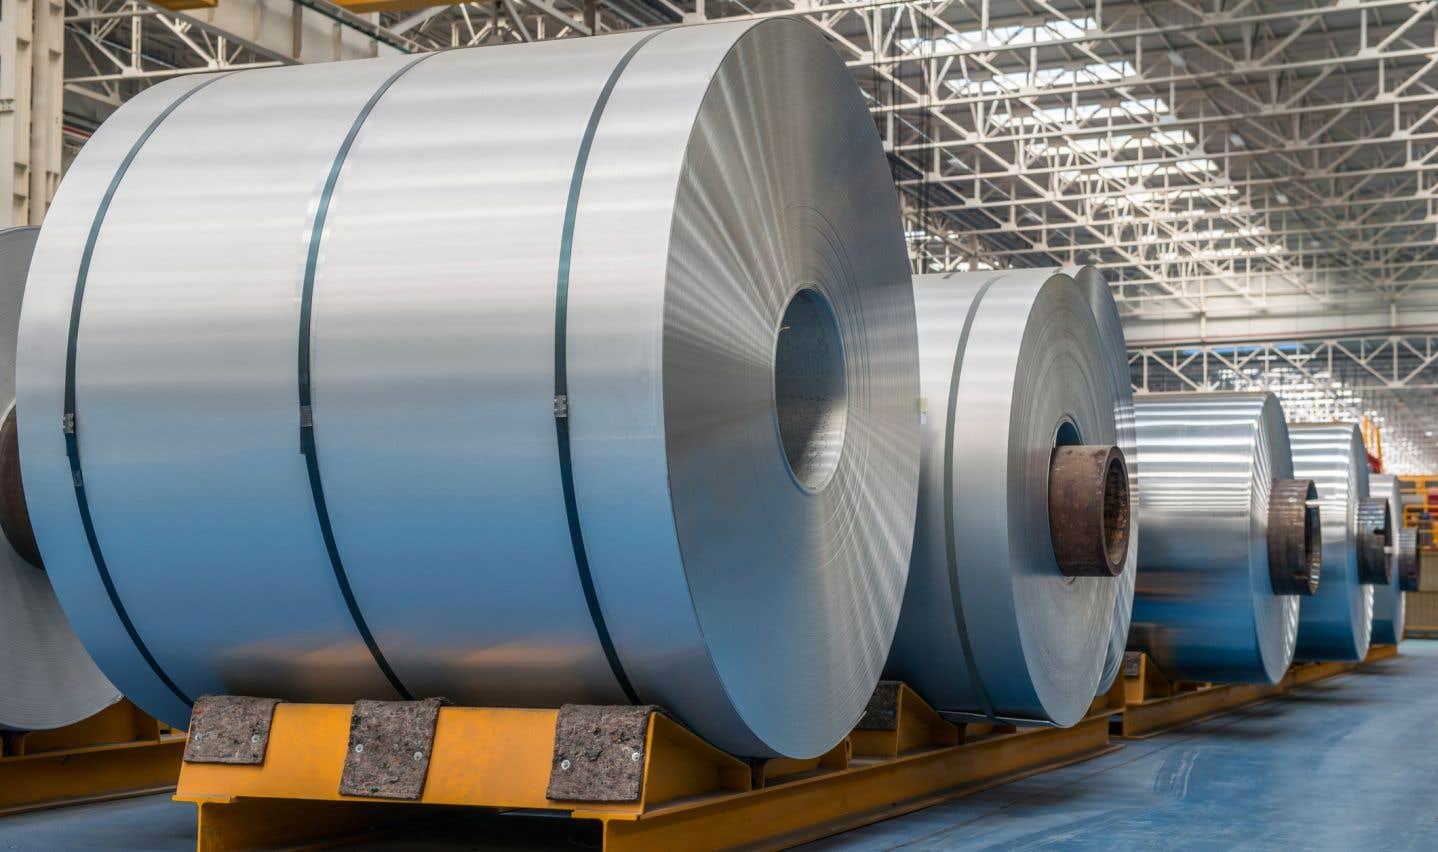 L'entreprise souhaite profiter des conditions avantageuses du marché mondial de l'aluminium.